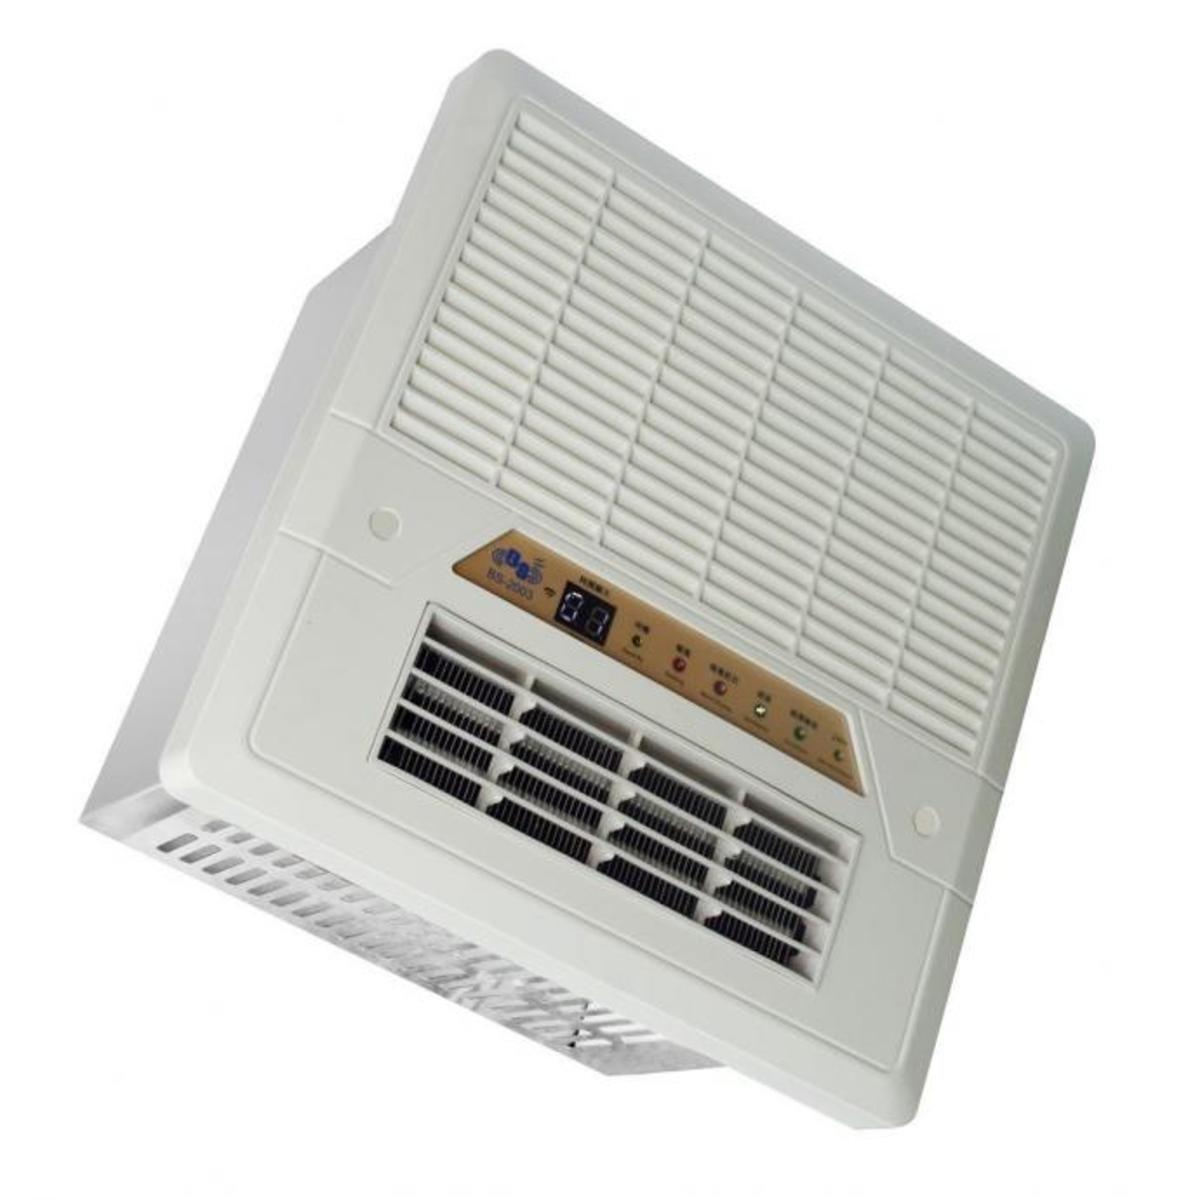 浴室防霉乾燥暖風機 (BS2003)